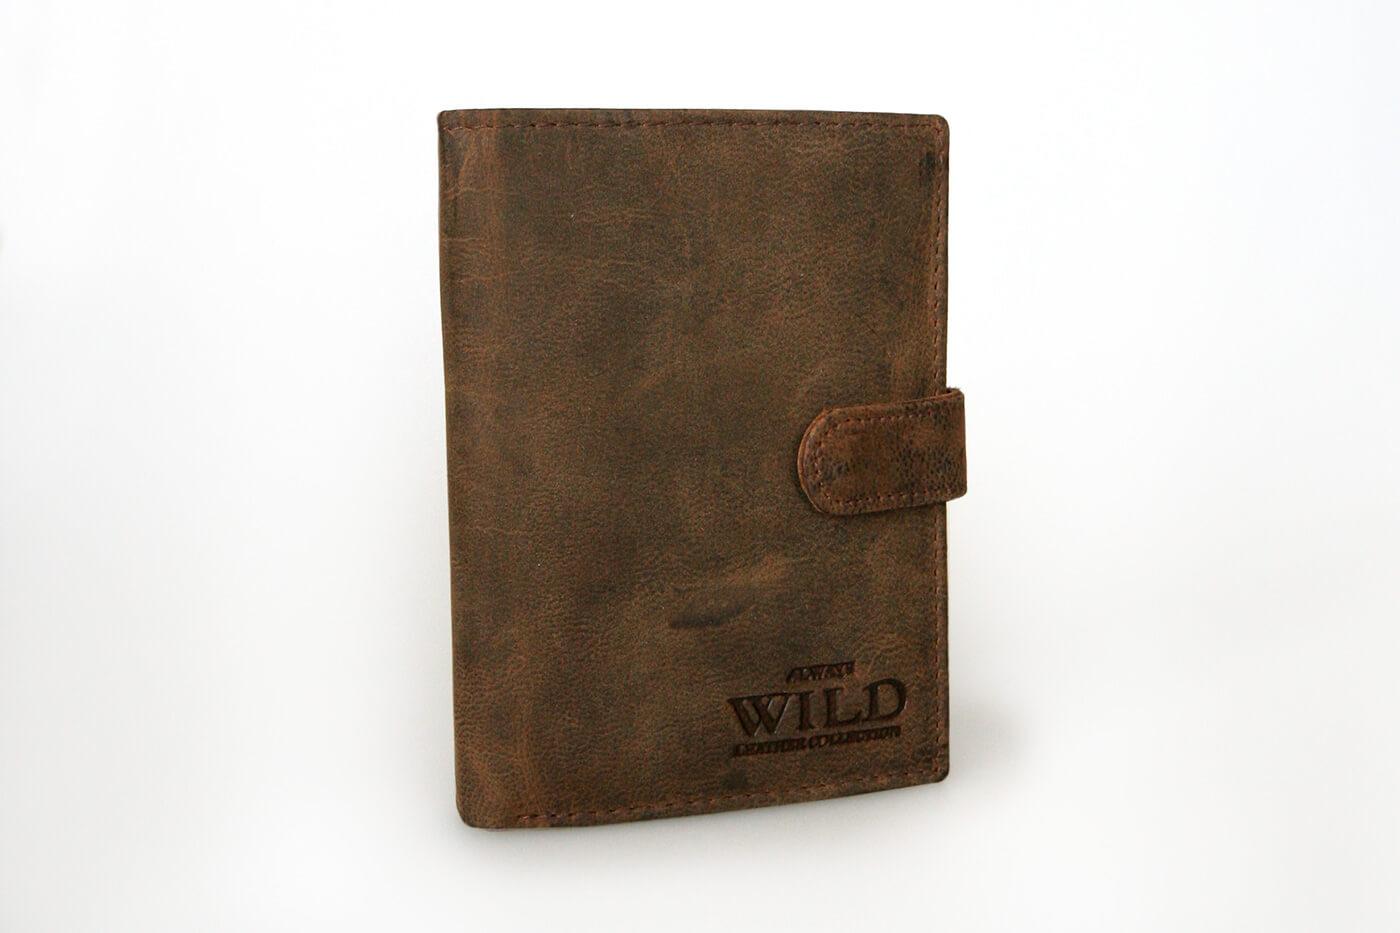 9f6089b63 WILD Pánska kožená peňaženka na výšku - hnedá so zapínaním (šírka 9,5 cm